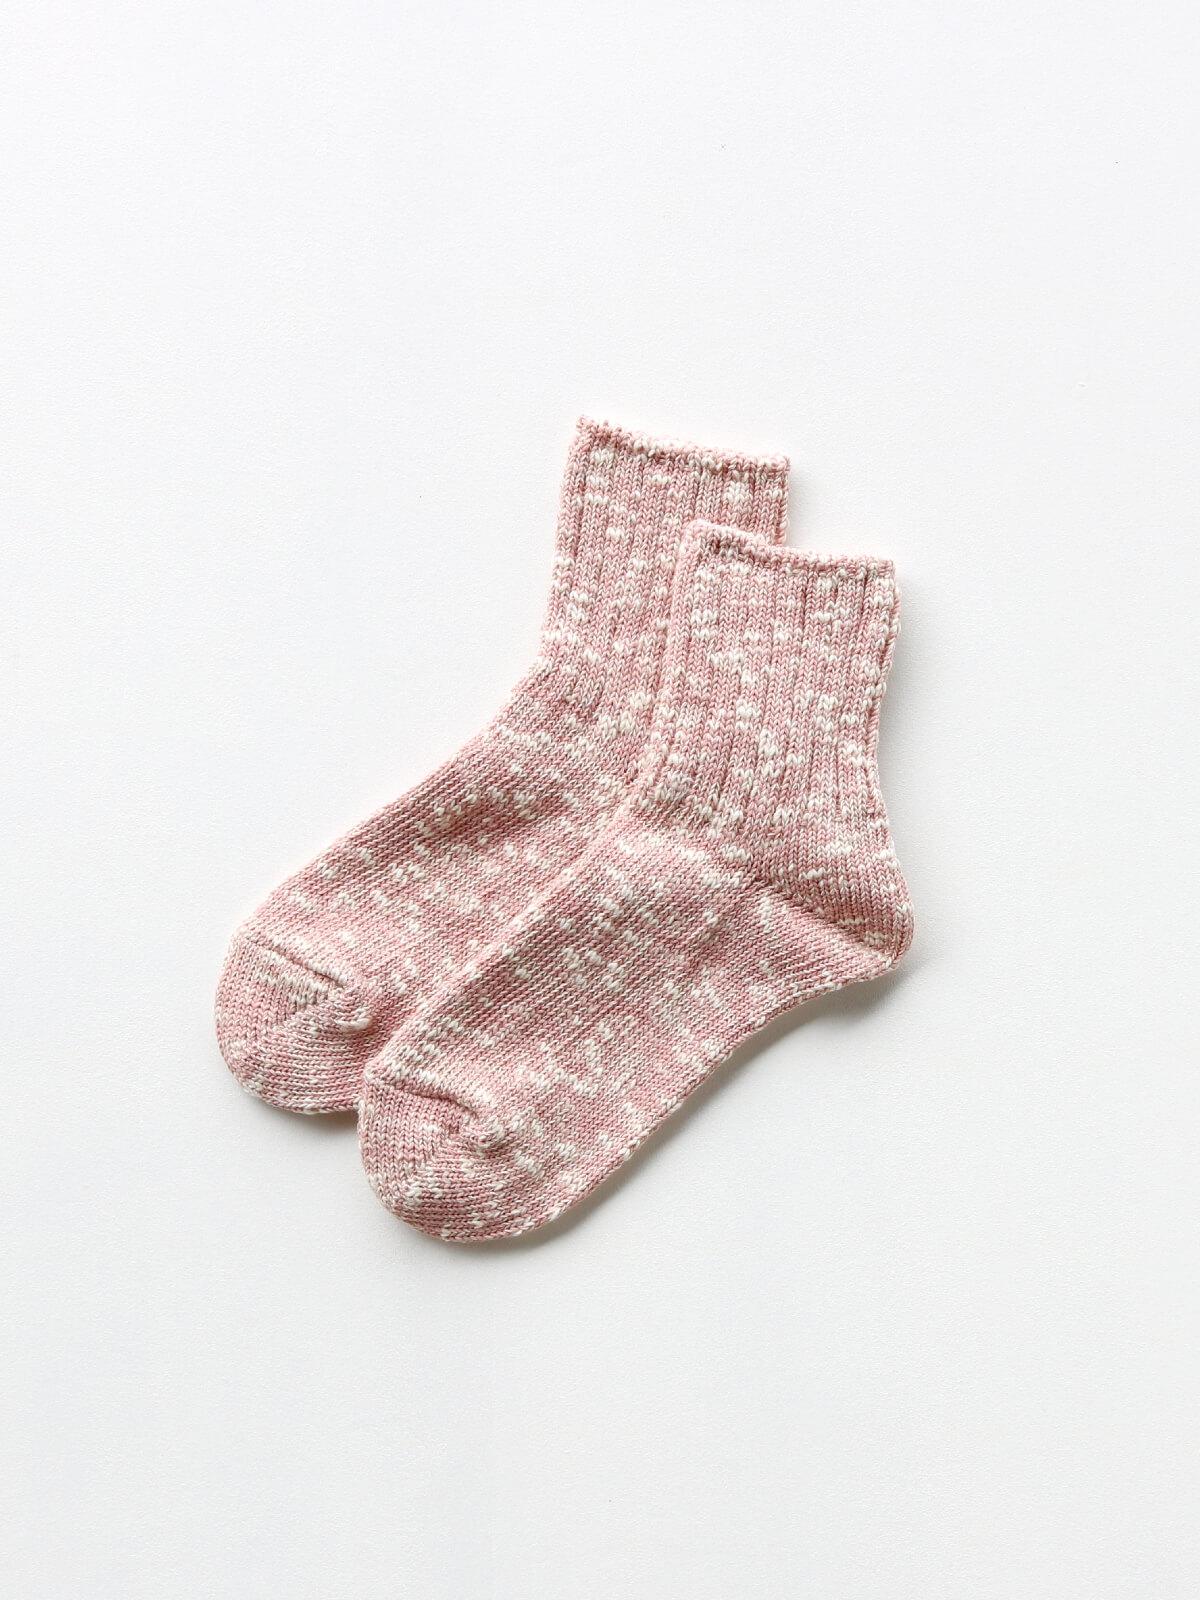 当たりつきギフト専用靴下のLUCKY SOCKS(ラッキーソックス)のMix Ankle Socks(ミックスアンクルソックス)のパウダーピーチ_2